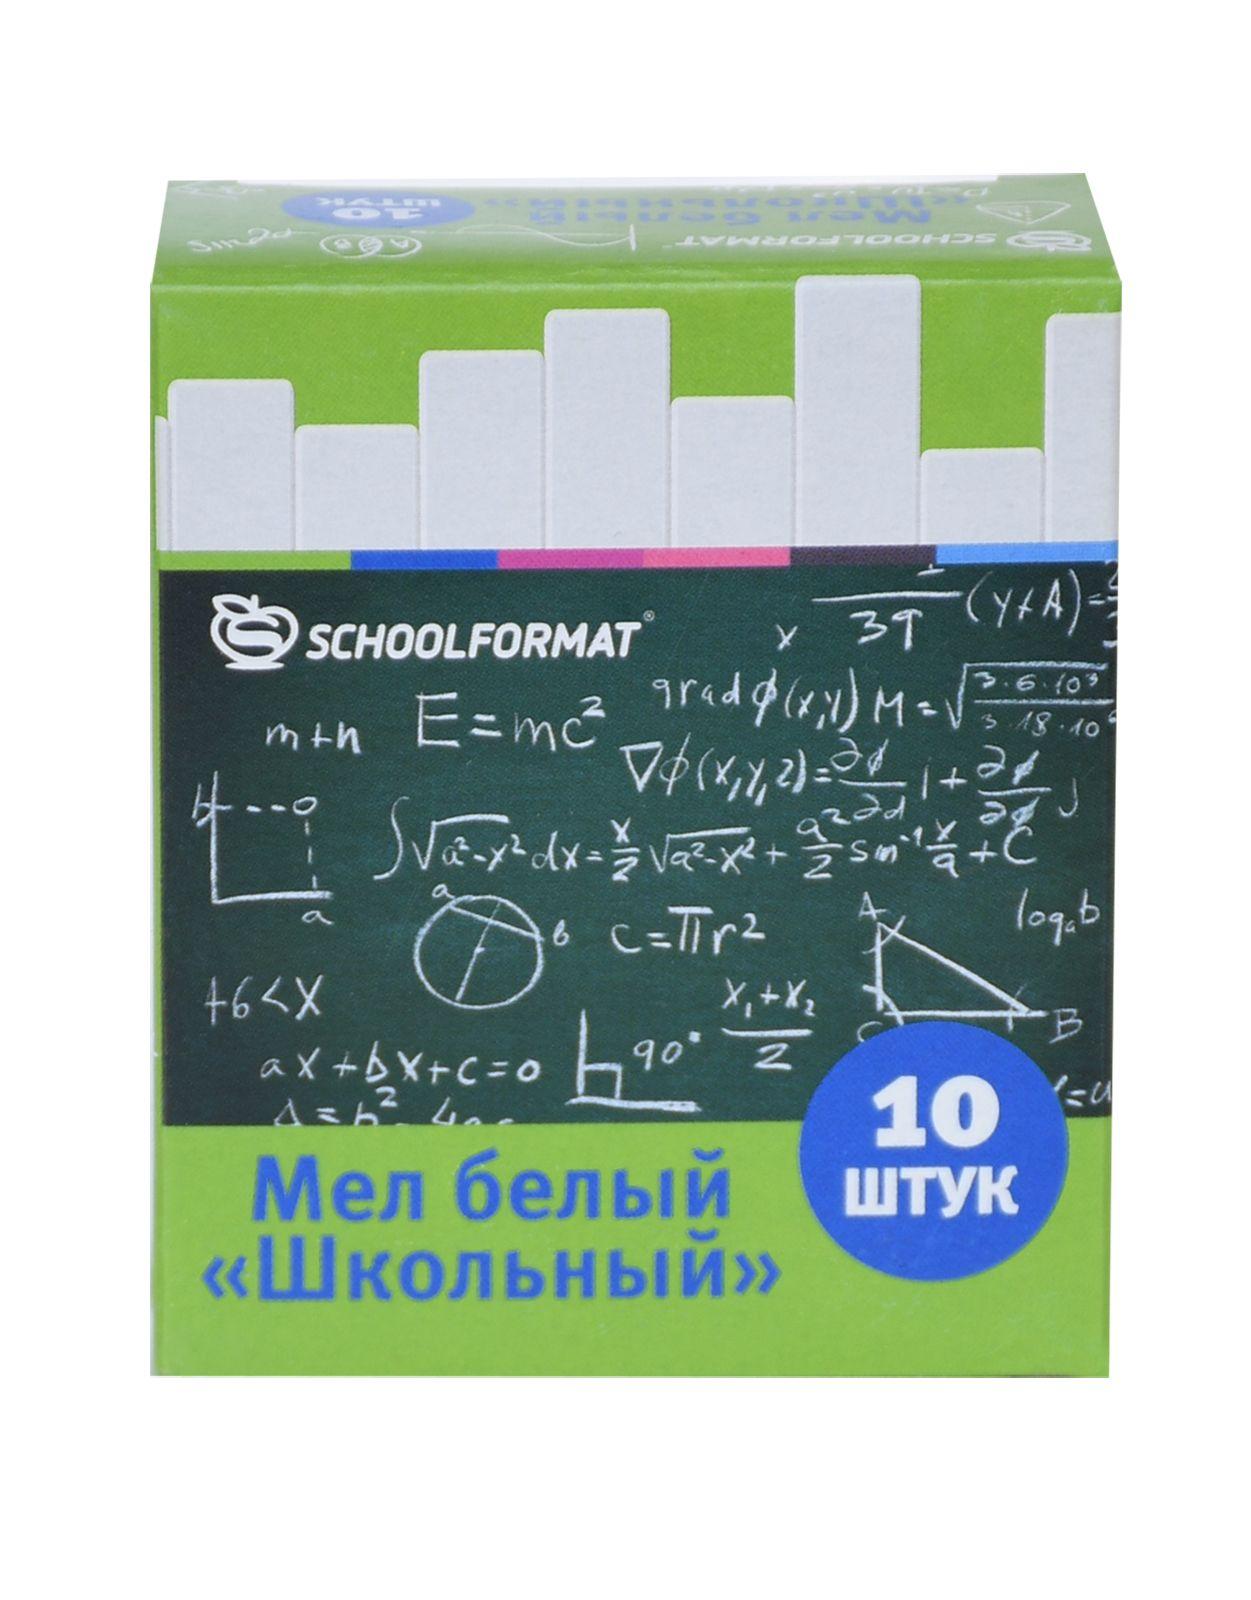 Мелки белые школьные Schoolformat 10 шт., картонная упаковка